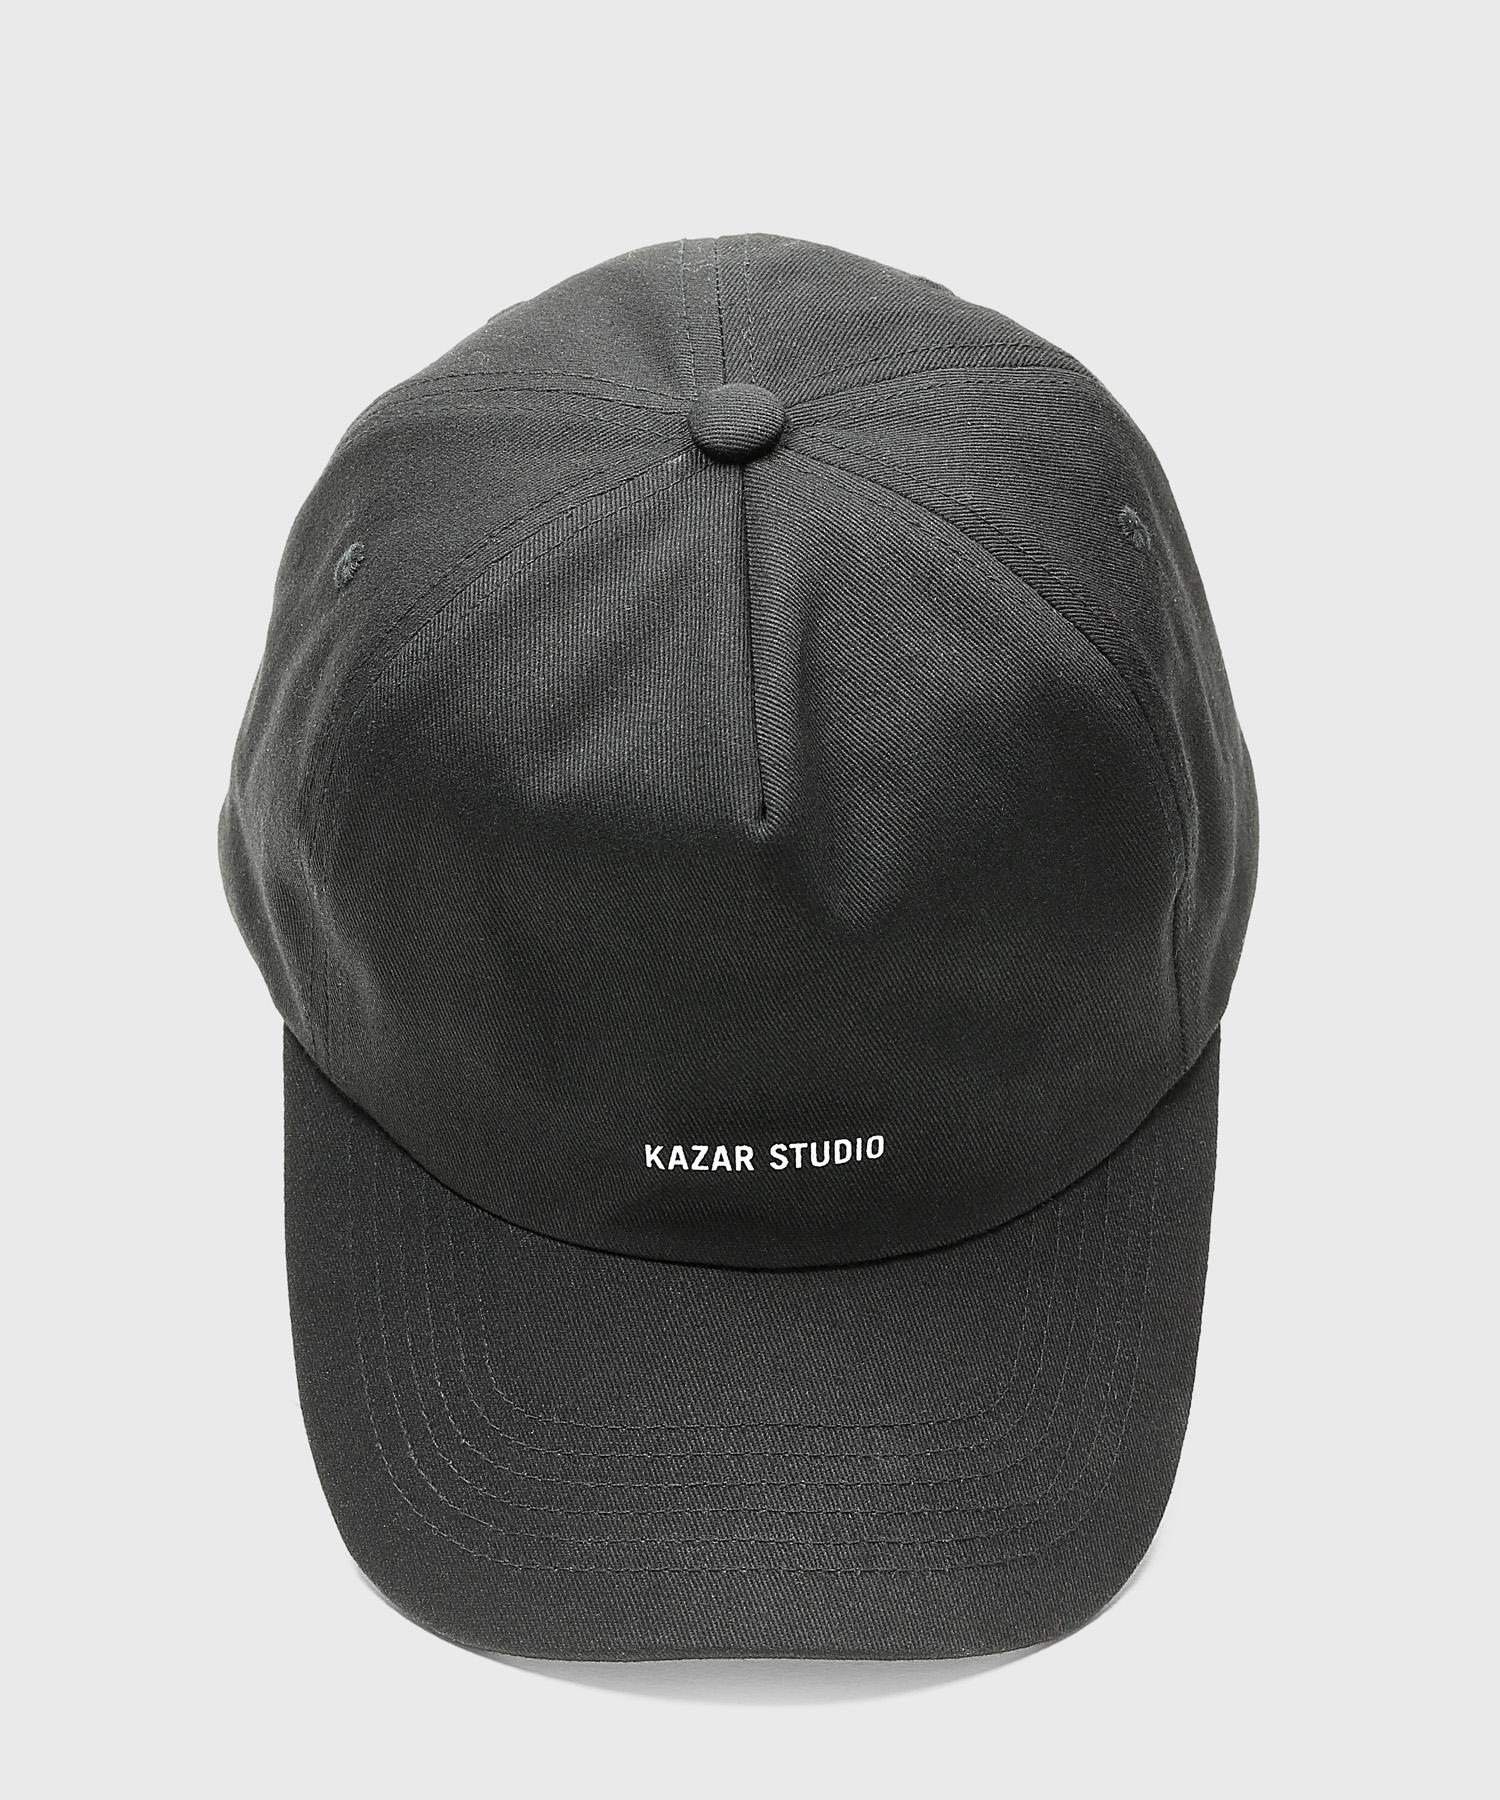 czapki z daszkiem Kazar Studio